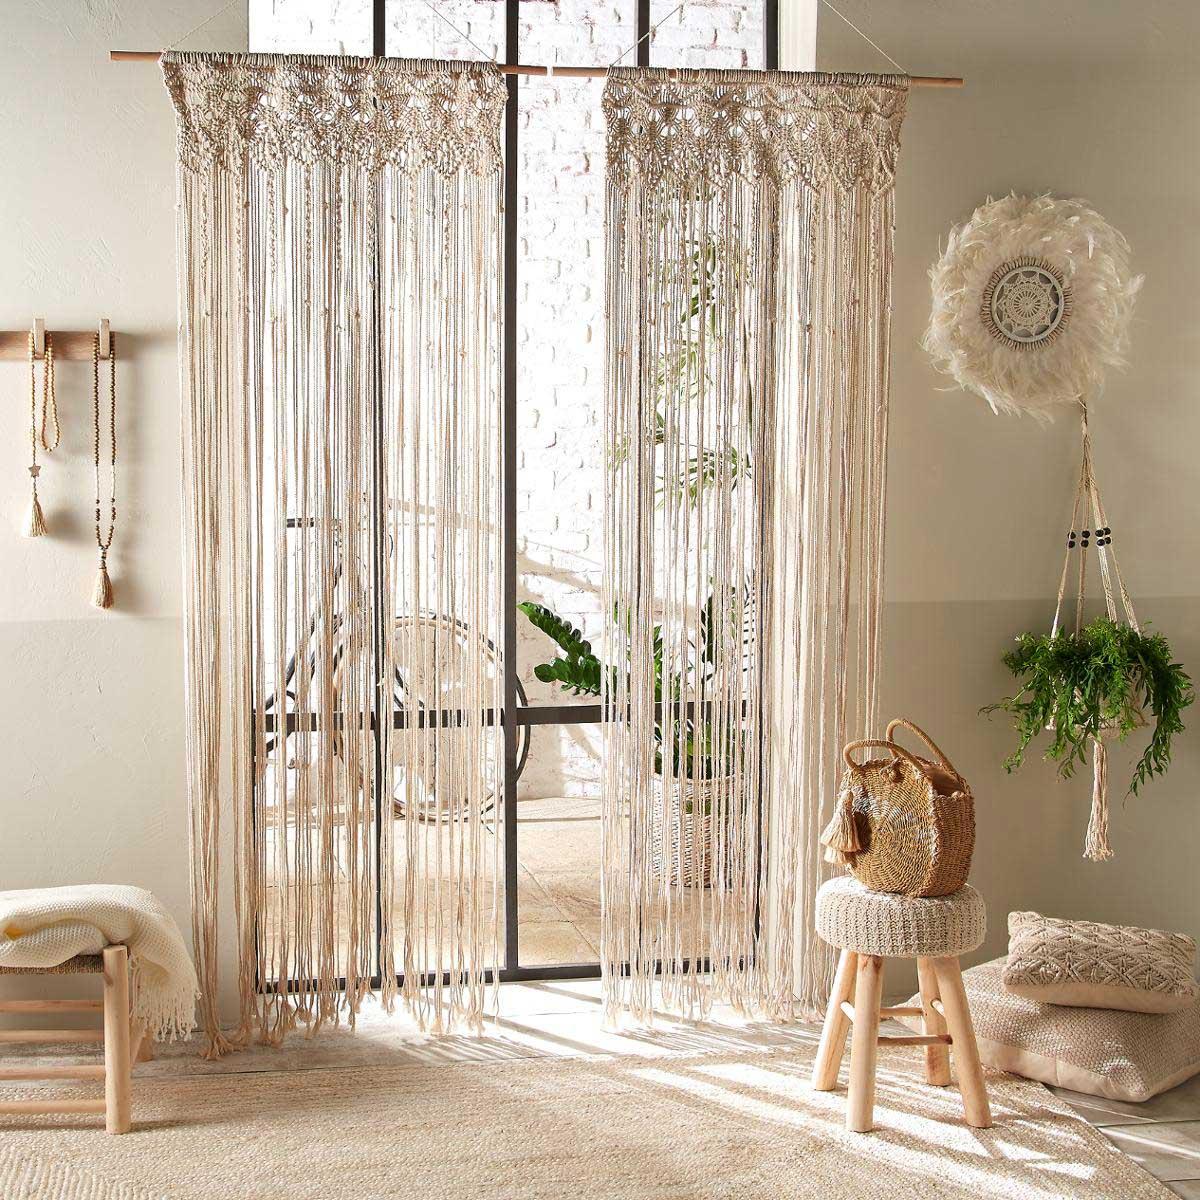 Idées cadeau : rideau macramé